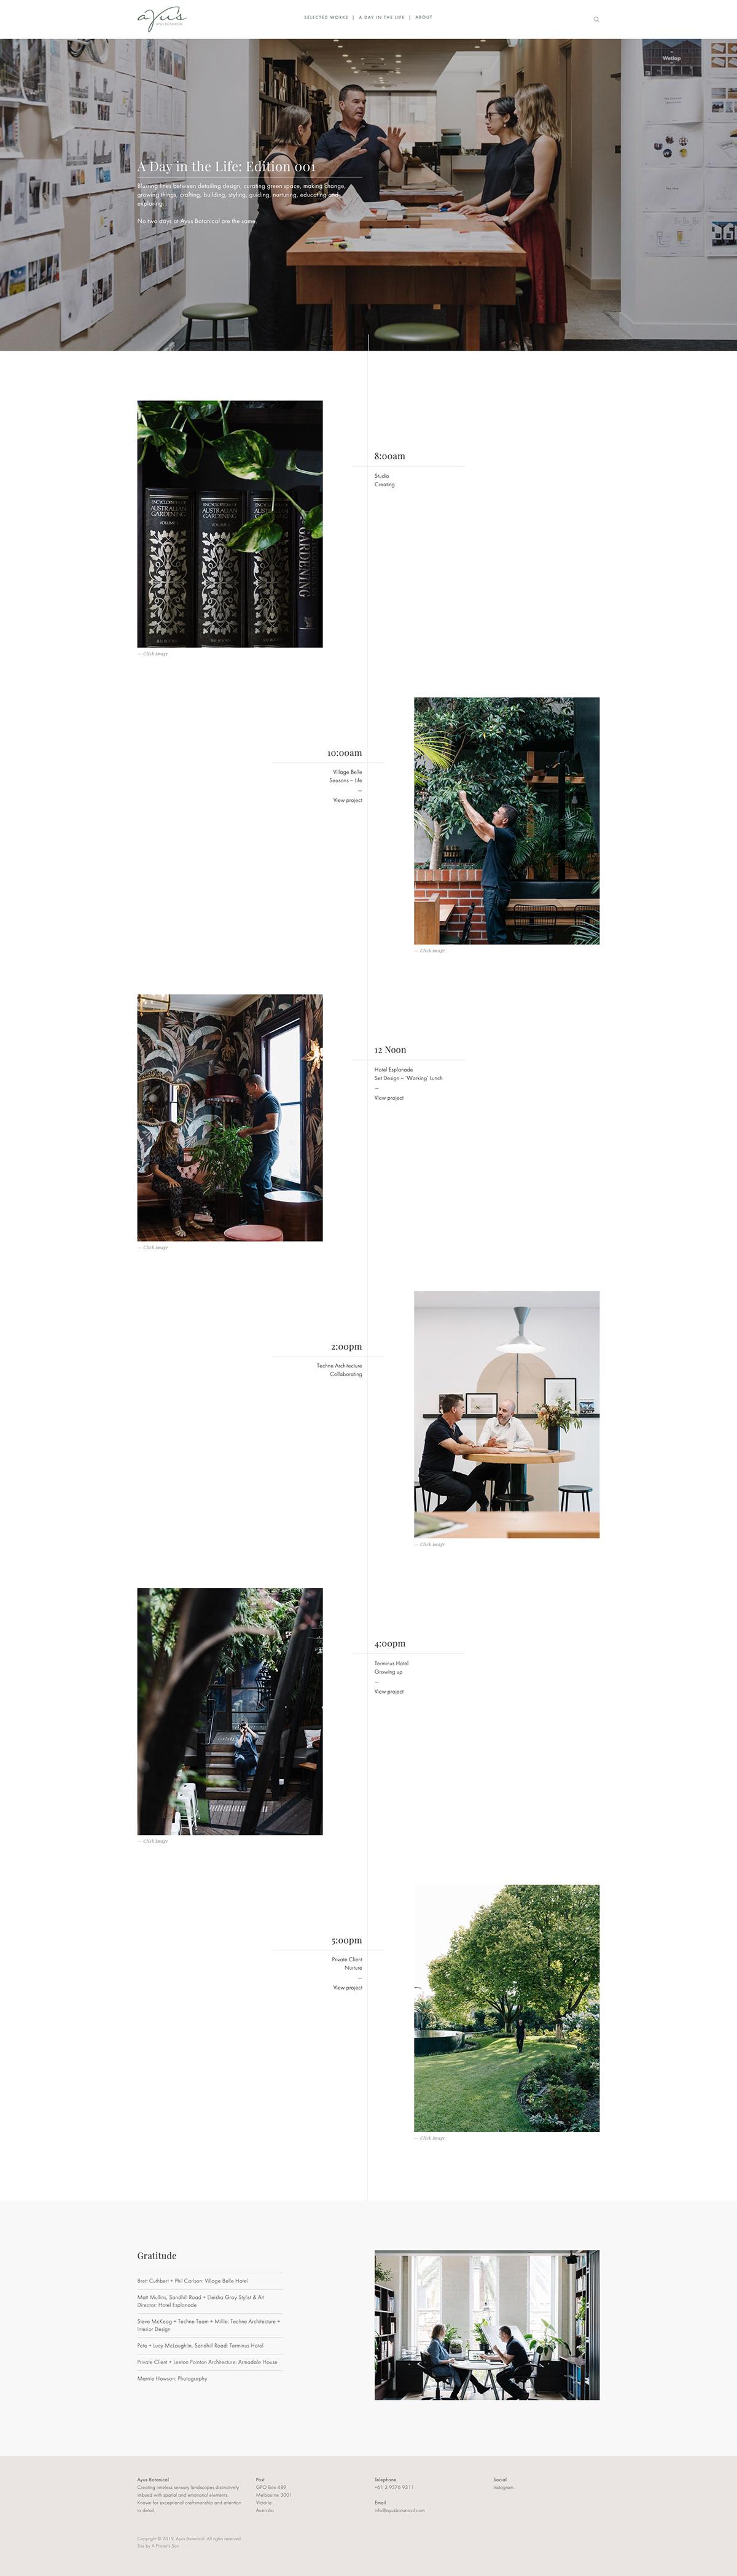 Ayus Botanical Landscape Design garden design squarespace Website grid based The Printer's Son